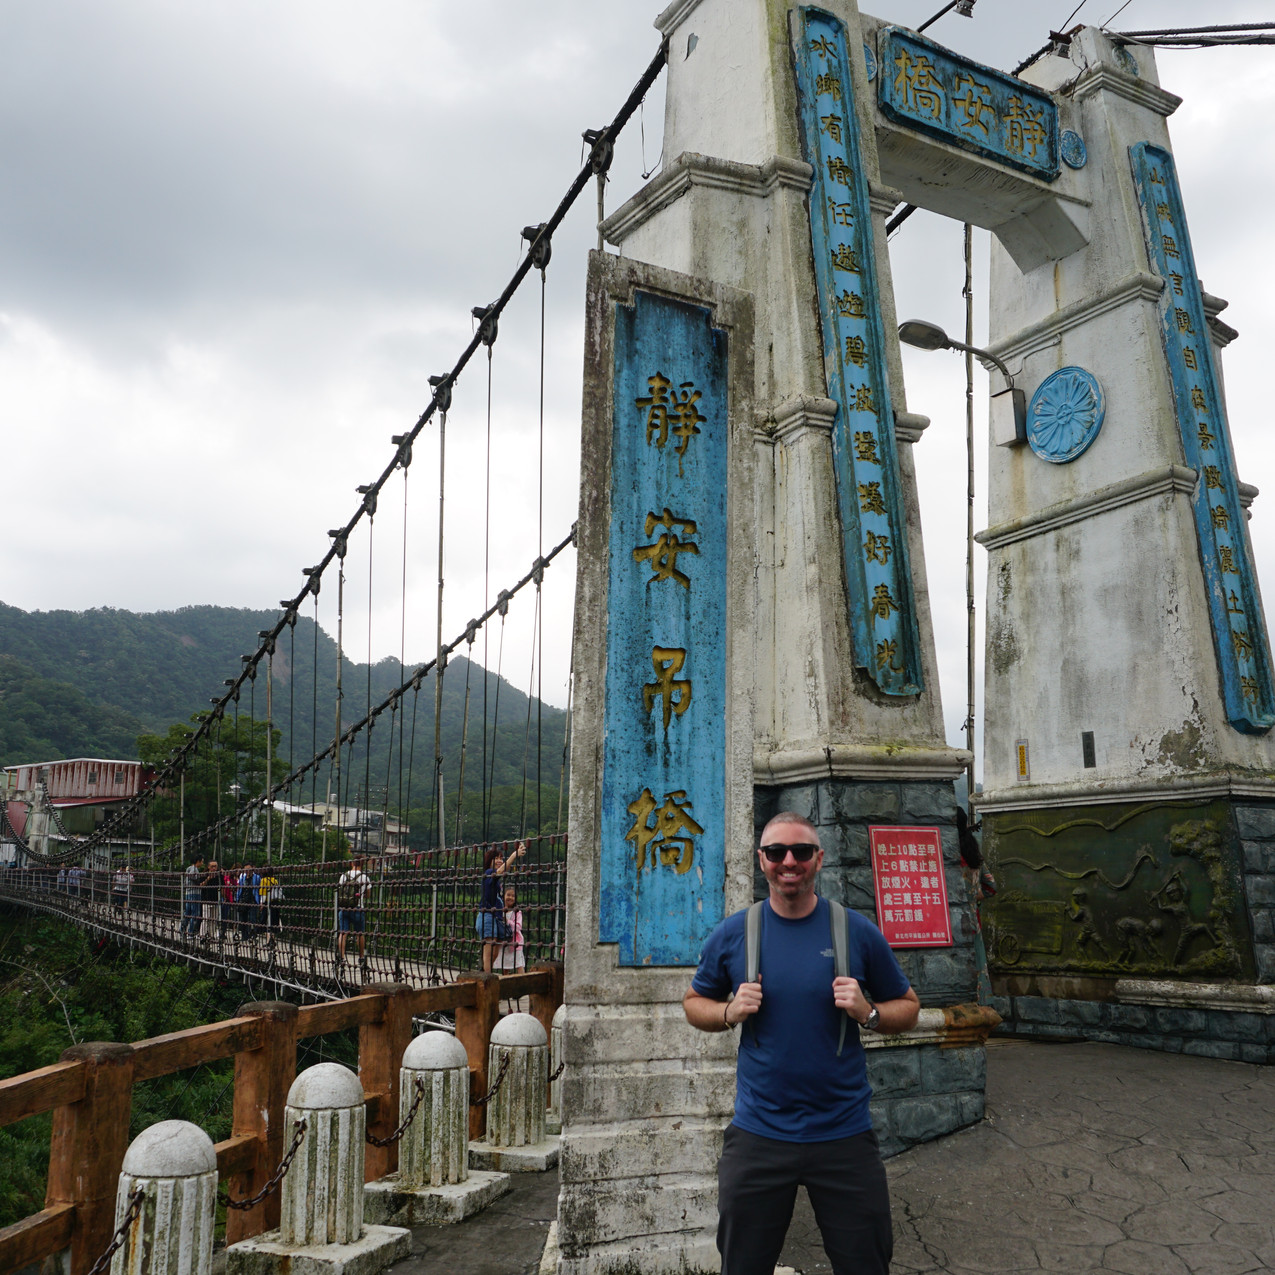 The iconic bridge